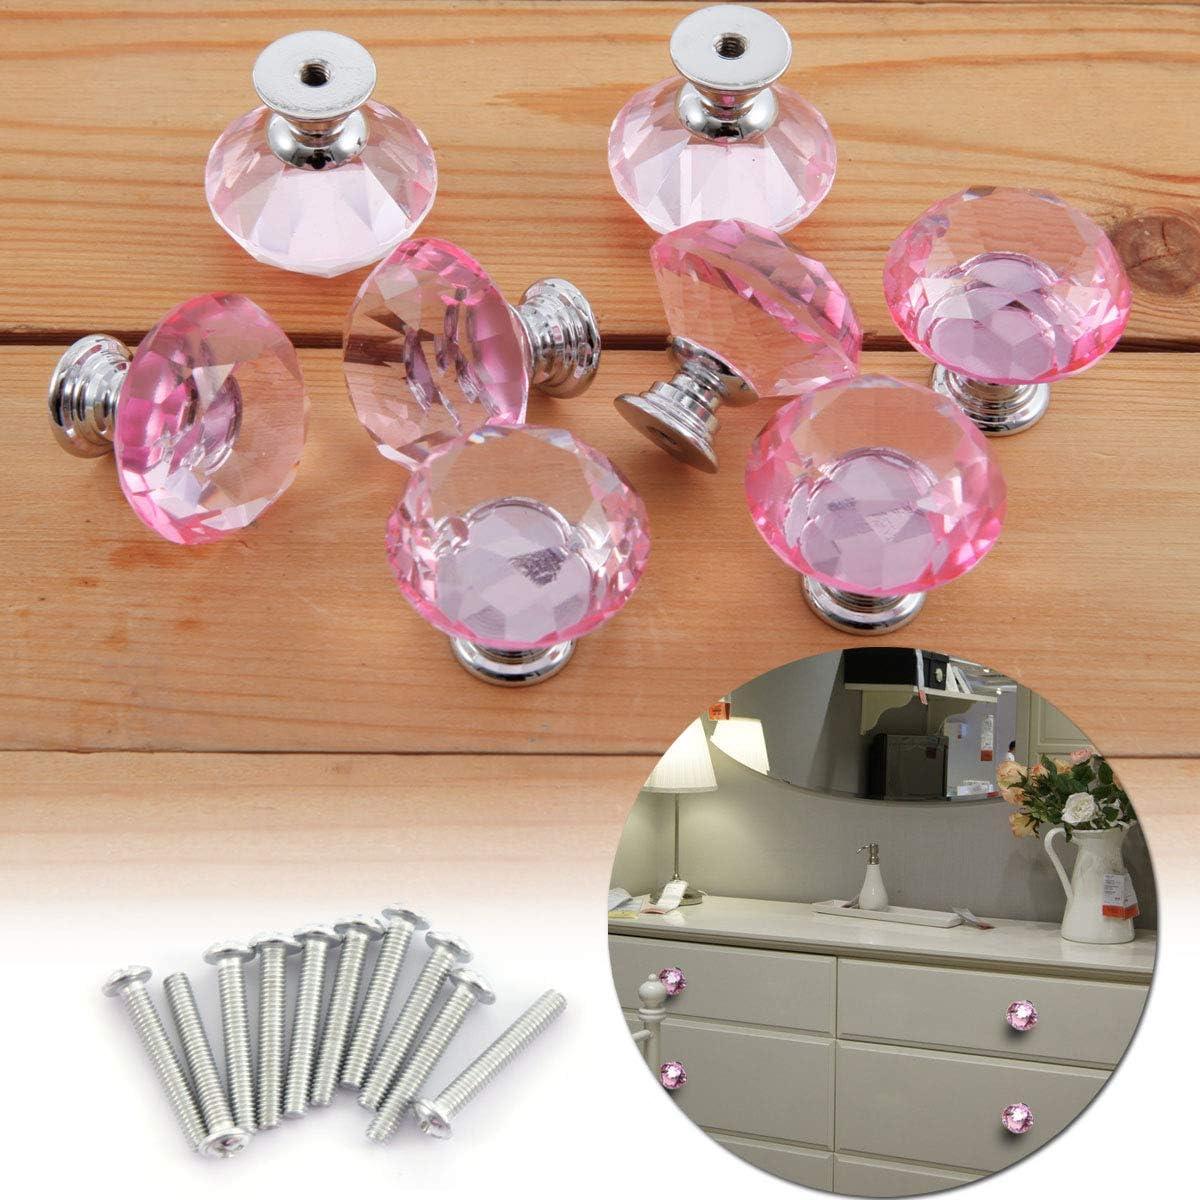 B/üro Bad- Wohn- Schlaf- Surepromise 8X Schrankkn/öpfe Schubladenkn/öpfe Kristallglas 30mm Pink Rund Zinklegierung M/öbelkn/öpfe M/öbelknopf f/ür K/üche Kinderzimmer